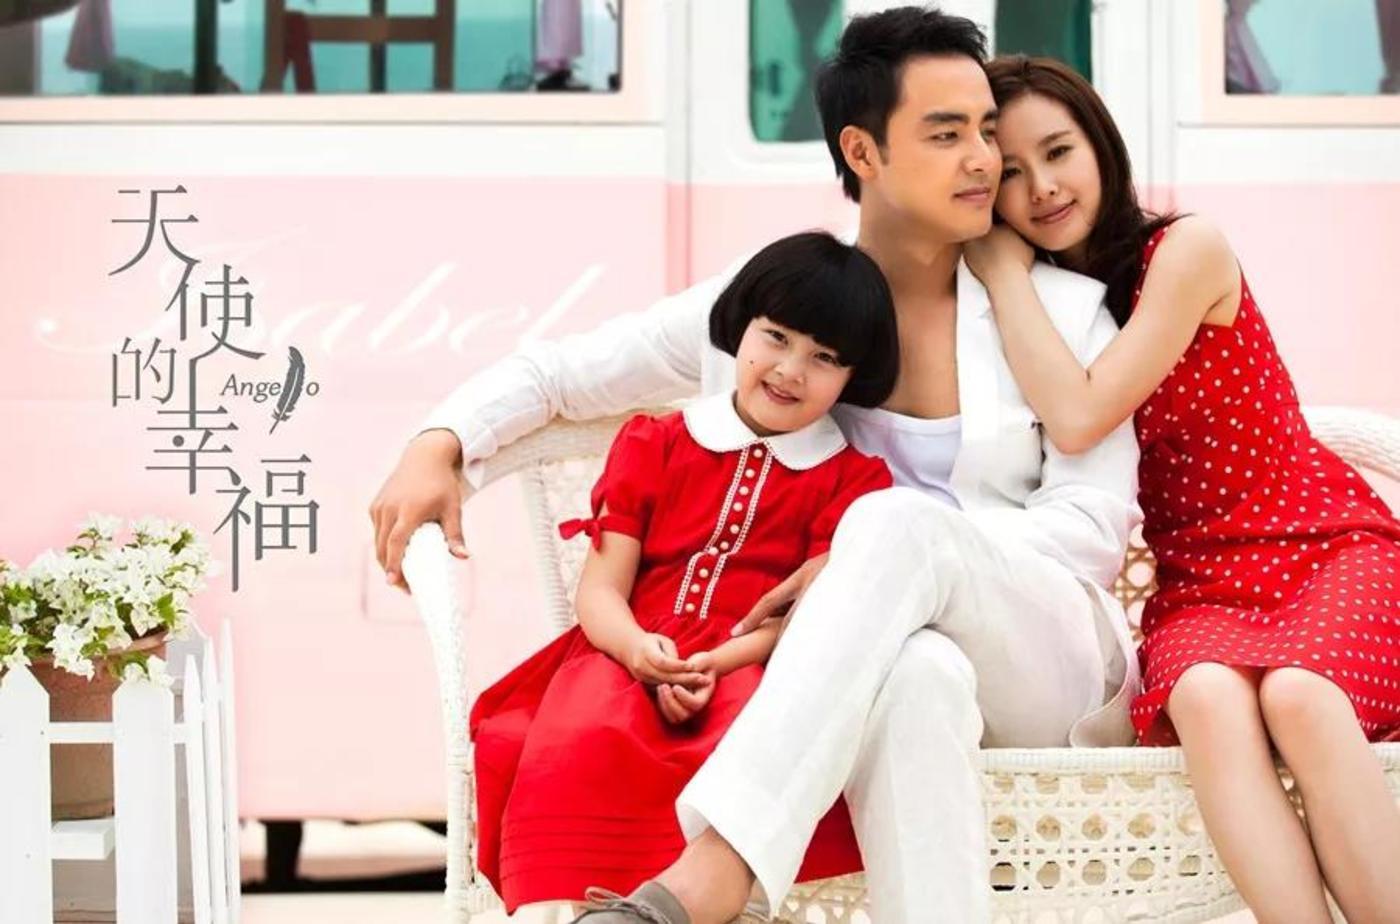 明道、刘诗诗主演的《天使的幸福》